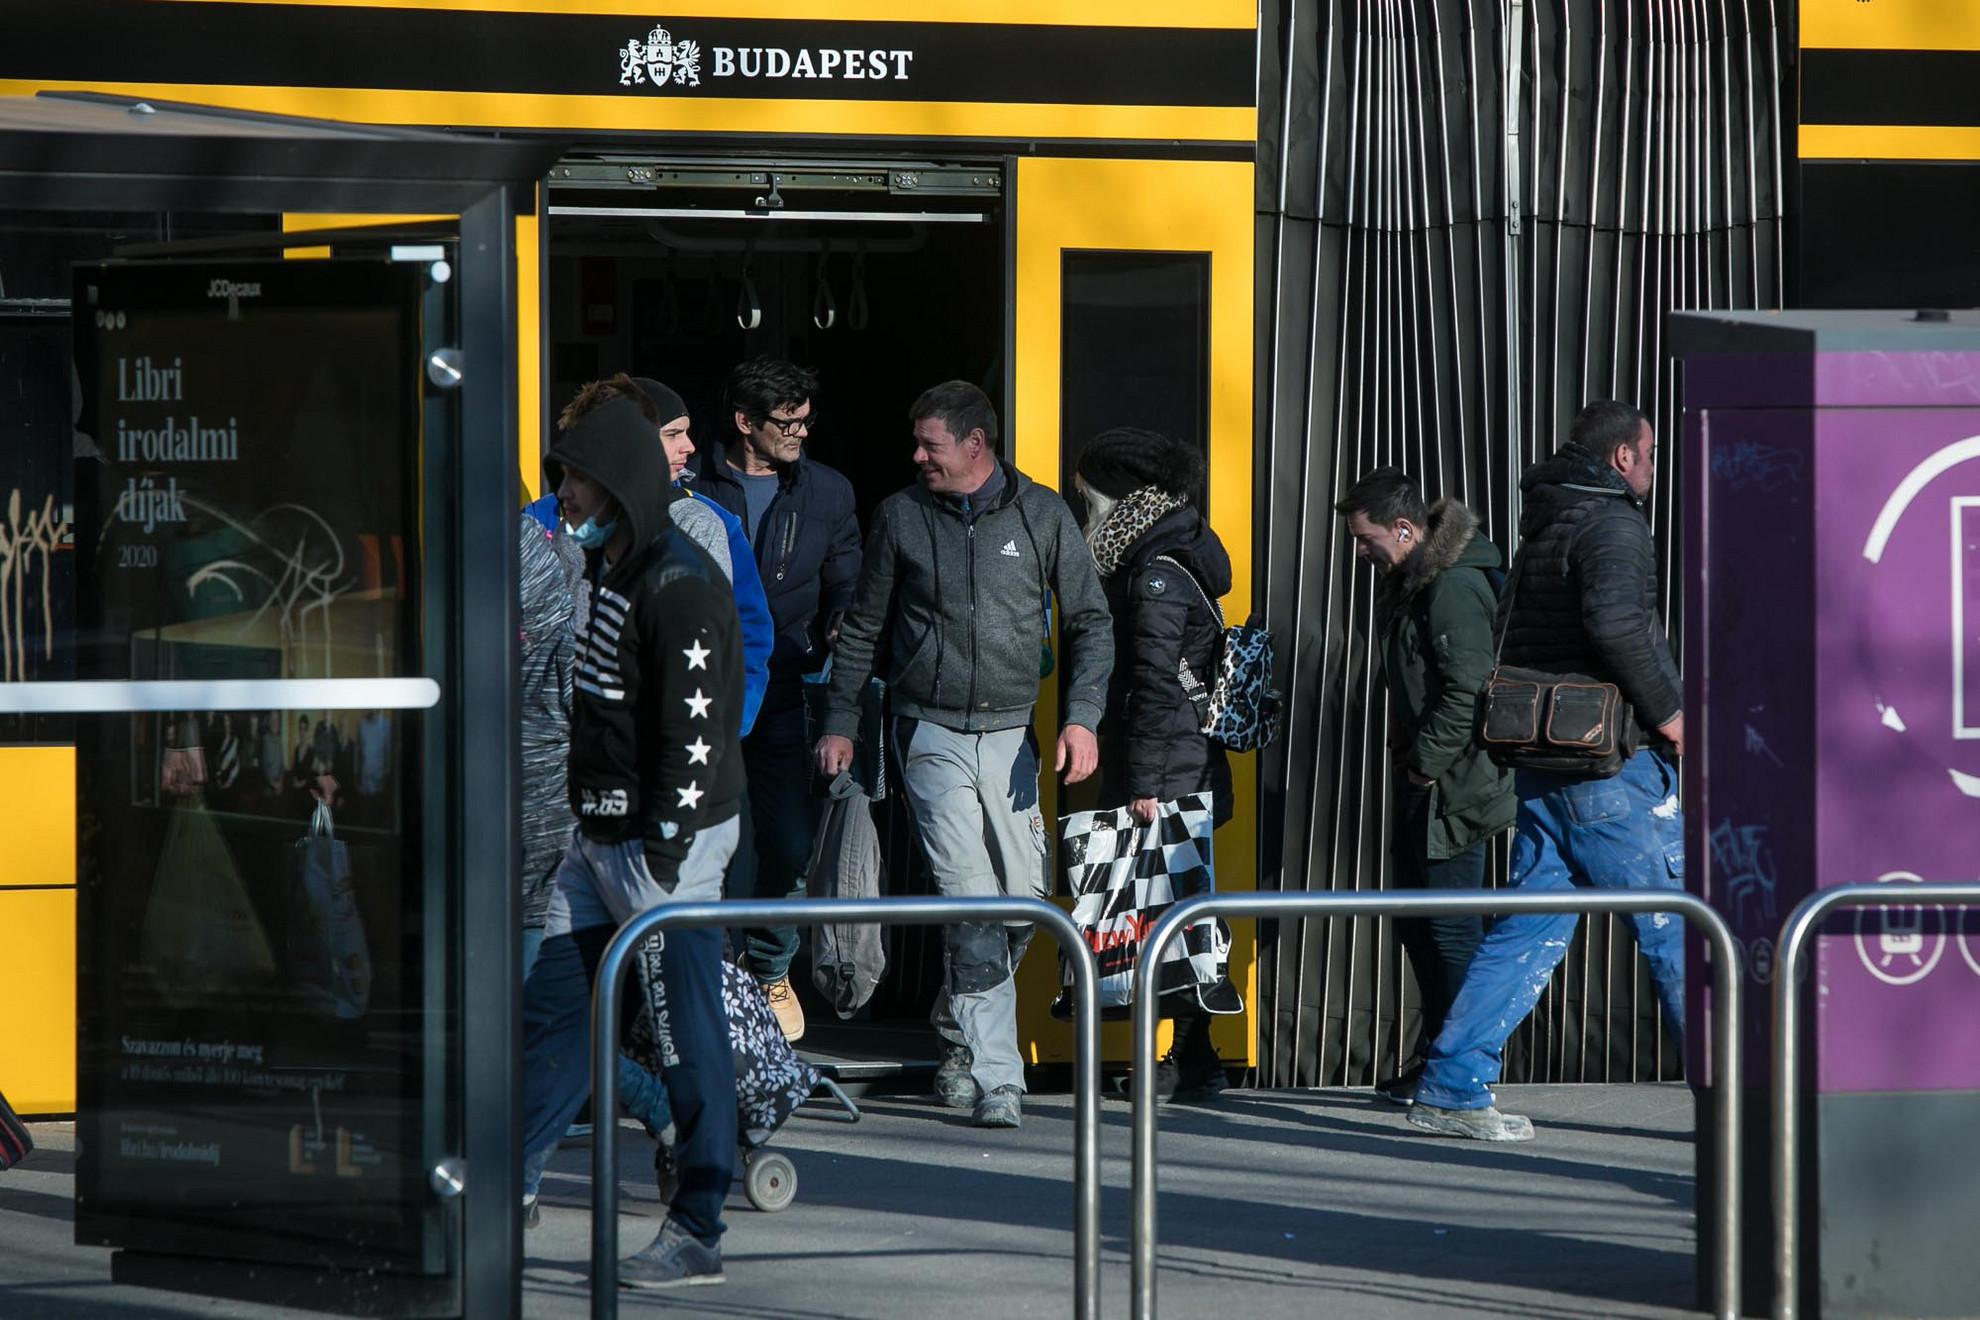 Április 6-ától, hétfőtől újra a tanszüneti menetrend szerint indulnak a közösségi közlekedési járatok Budapesten